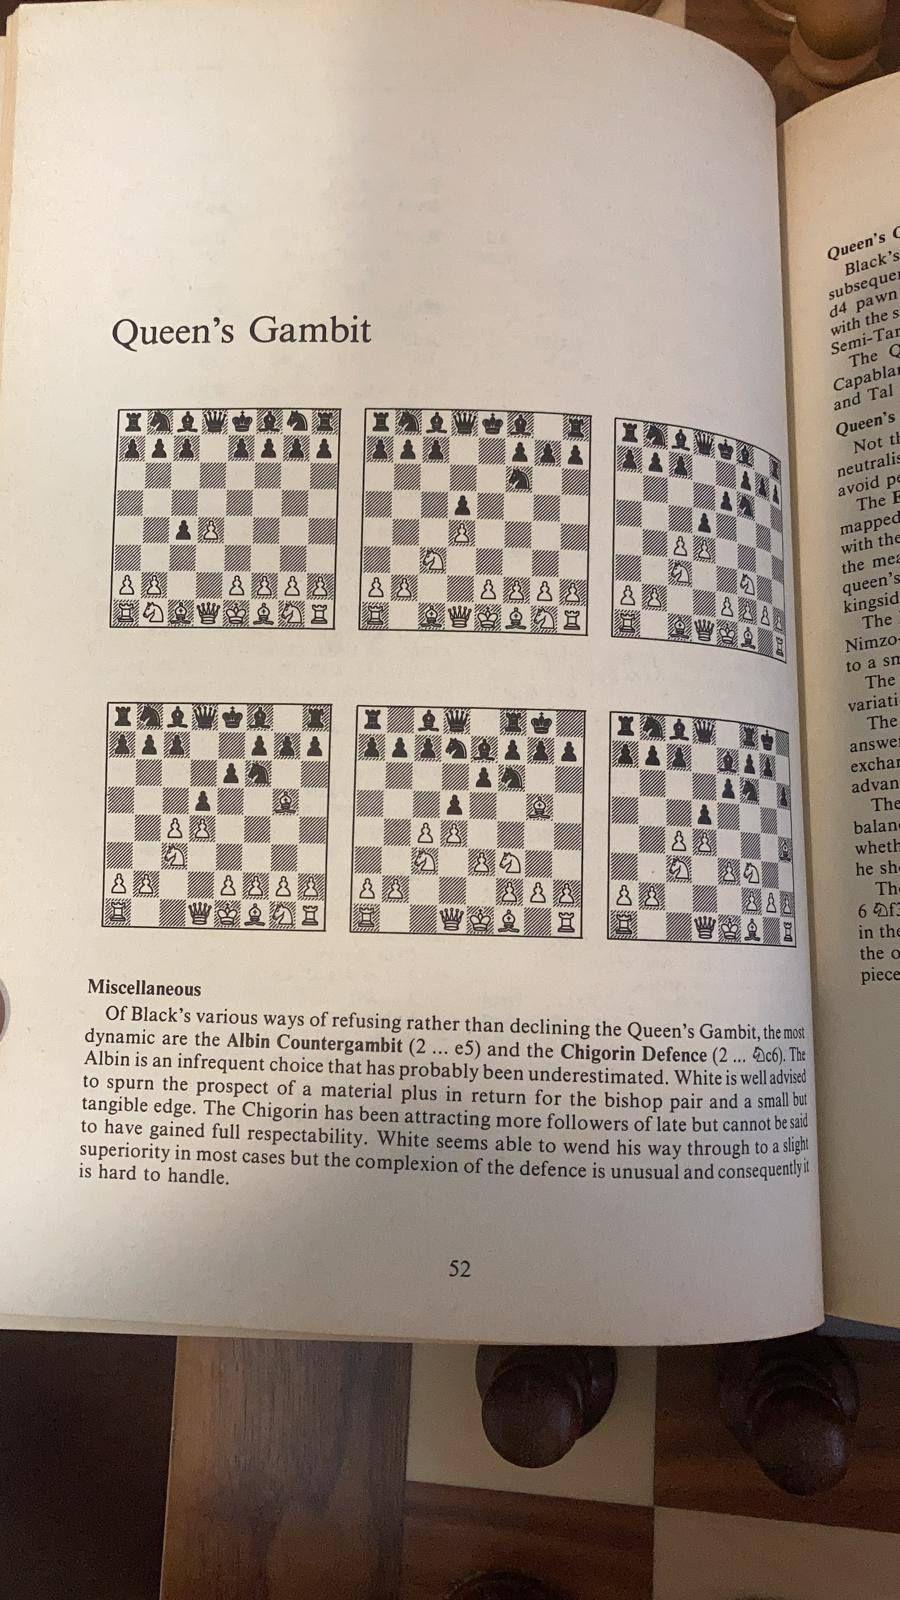 Așa arătau în anii '80 cărțile de studiu la șah, cea de față fiind deschisă chiar la Gambitul damei